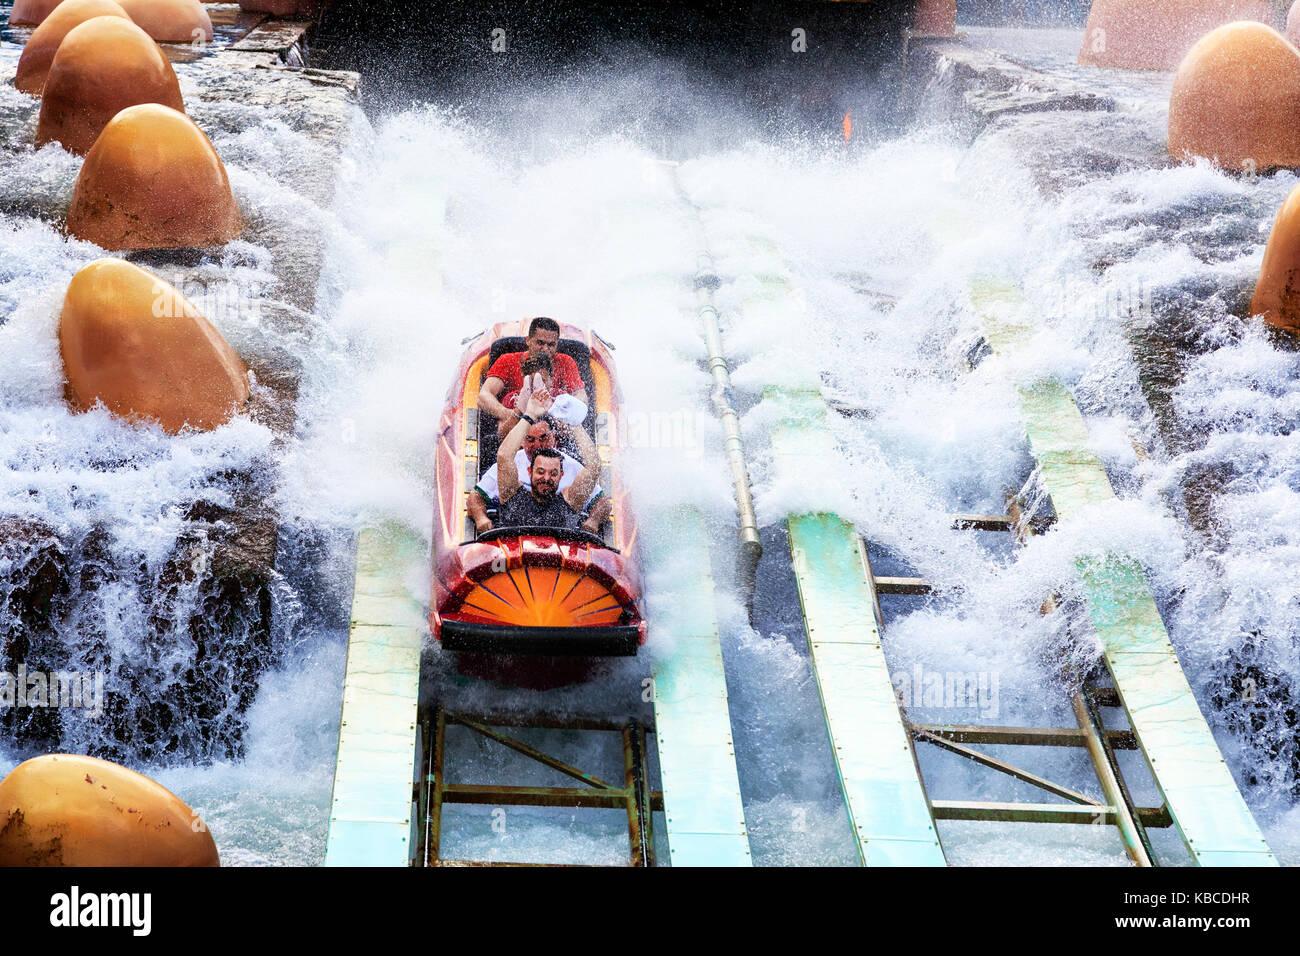 Los turistas disfrutando de la splash Mountain ride, del parque temático Universal Studios, en Orlando, Florida, Imagen De Stock